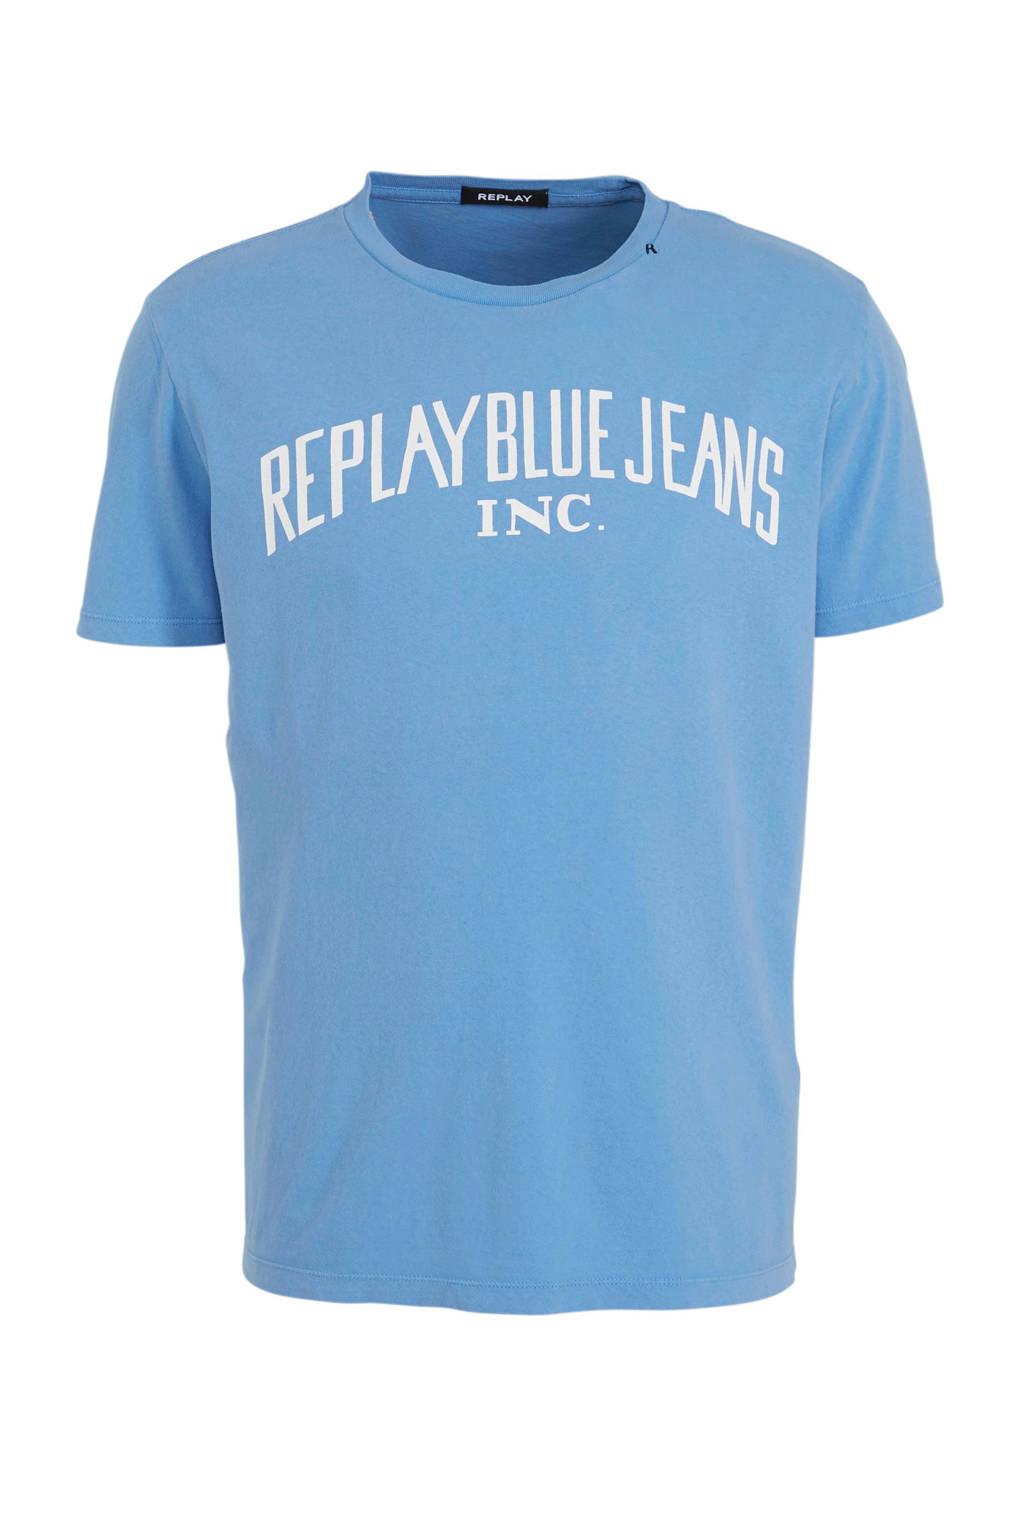 REPLAY T-shirt met printopdruk lichtblauw, Lichtblauw